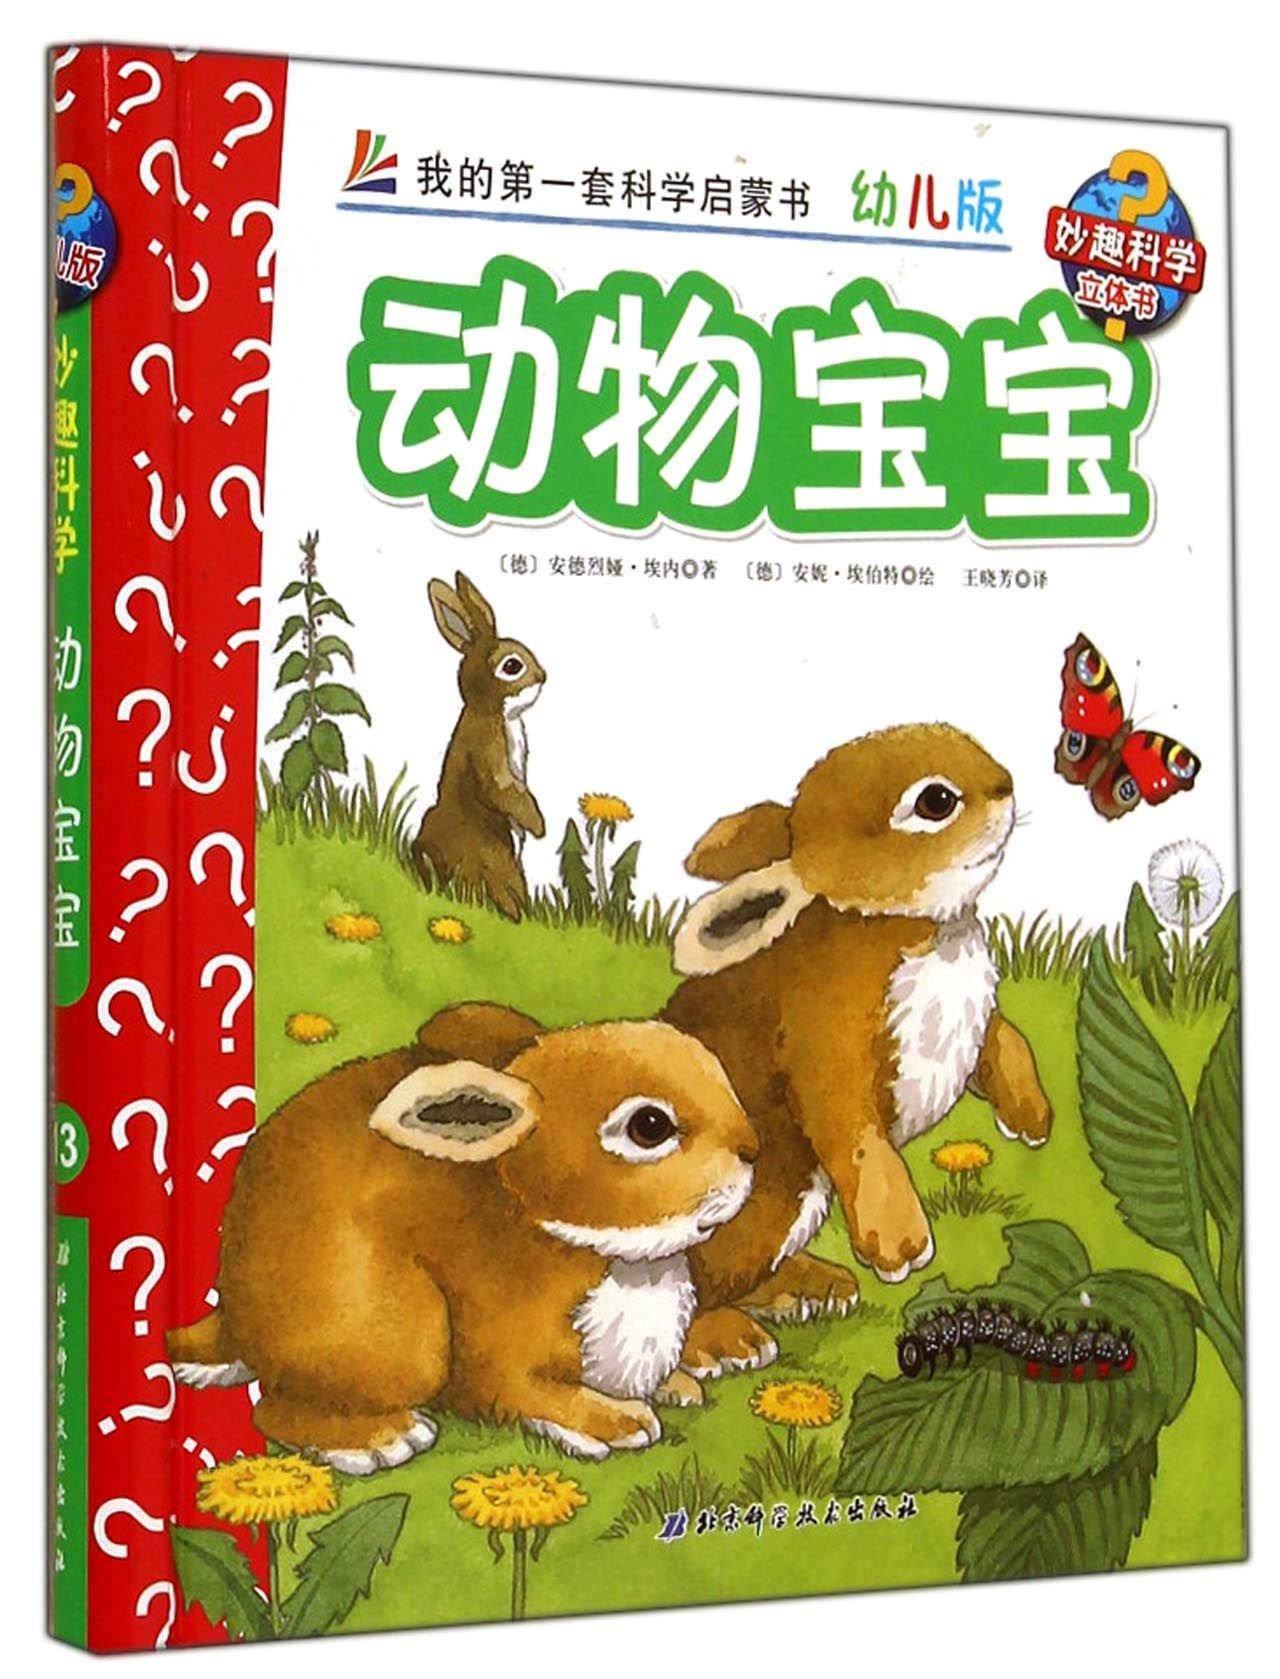 3动物的生长时期 课件3